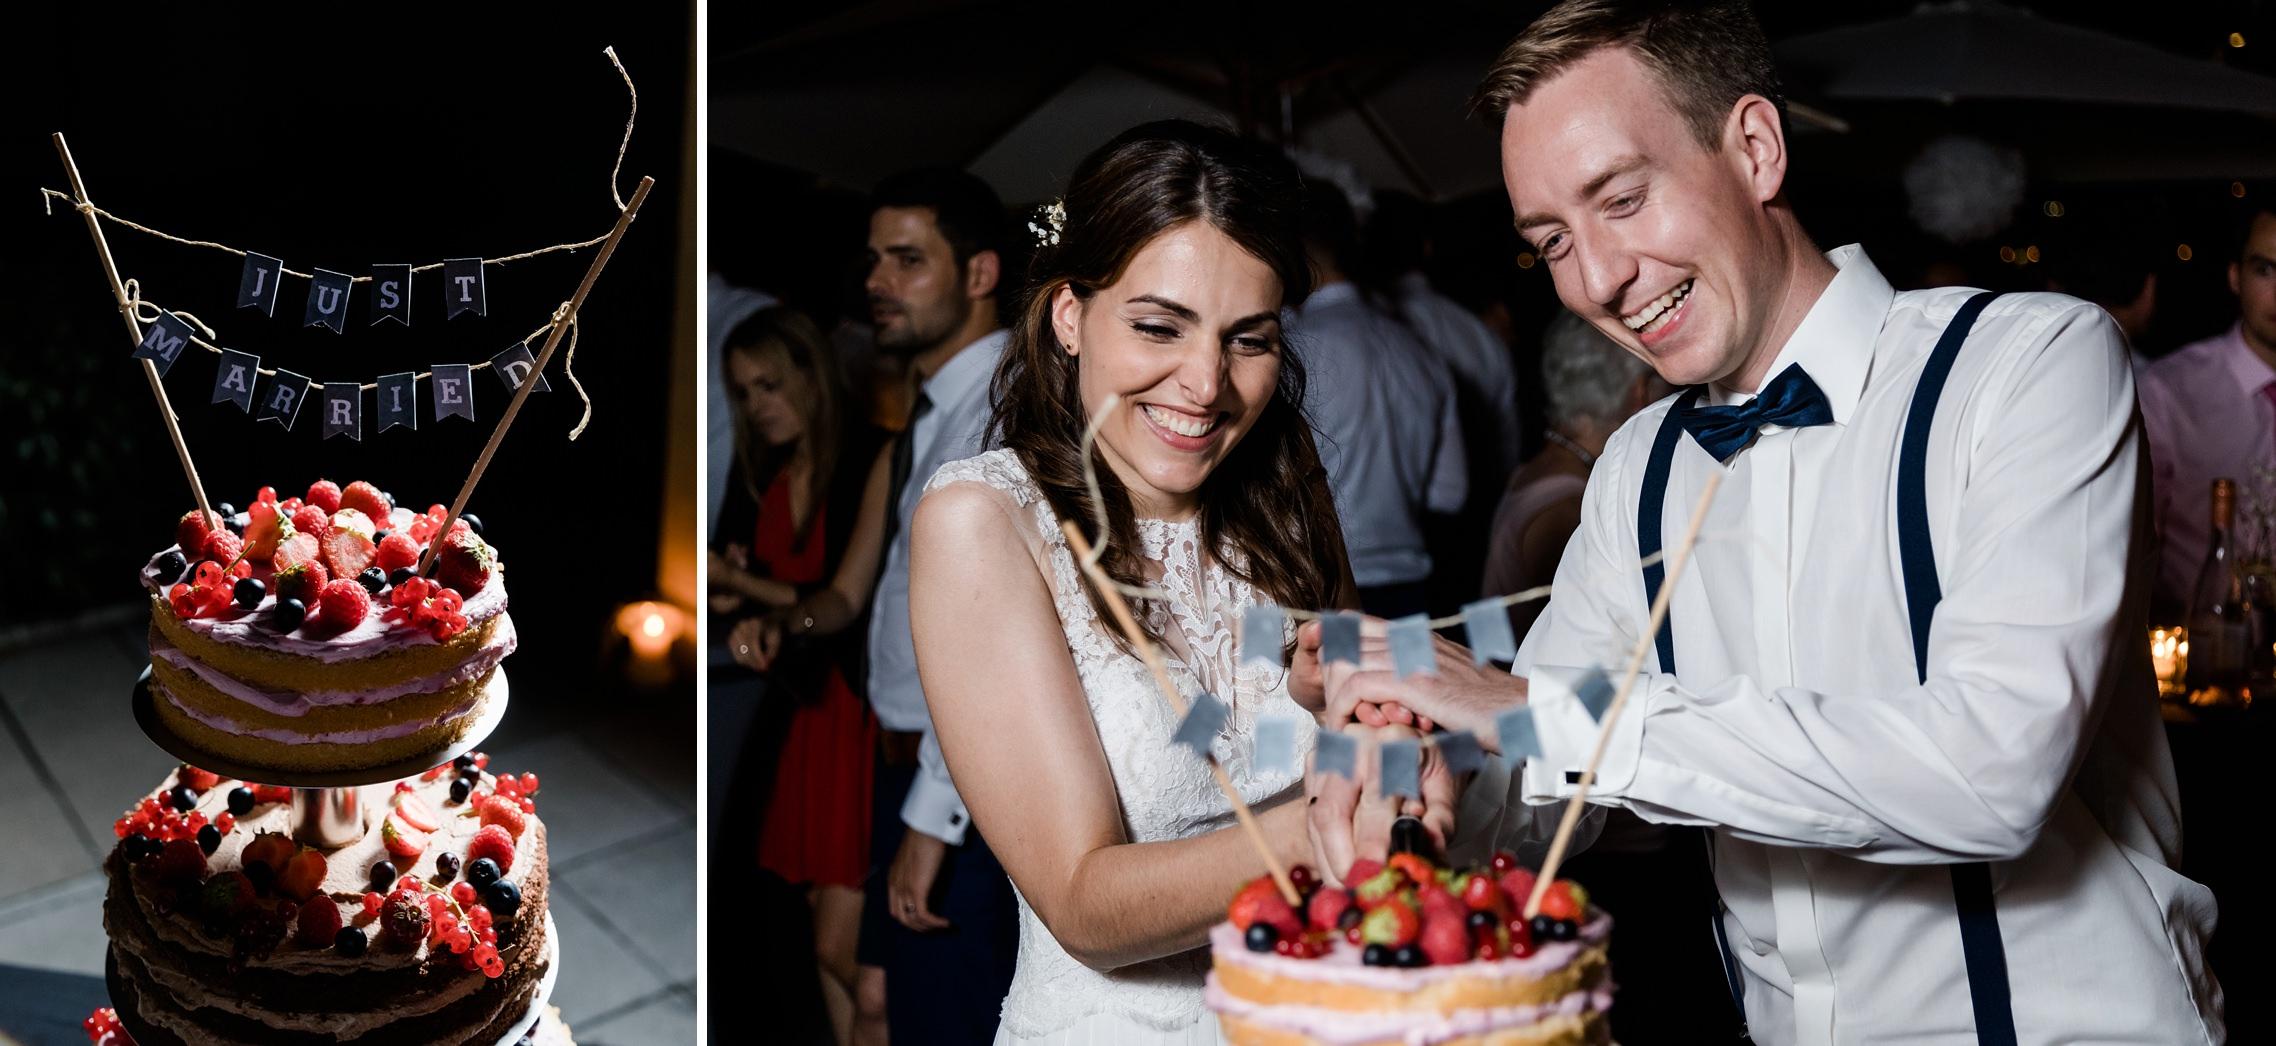 Das Hochzeitspaar schneidet die Hochzeitstorte an.